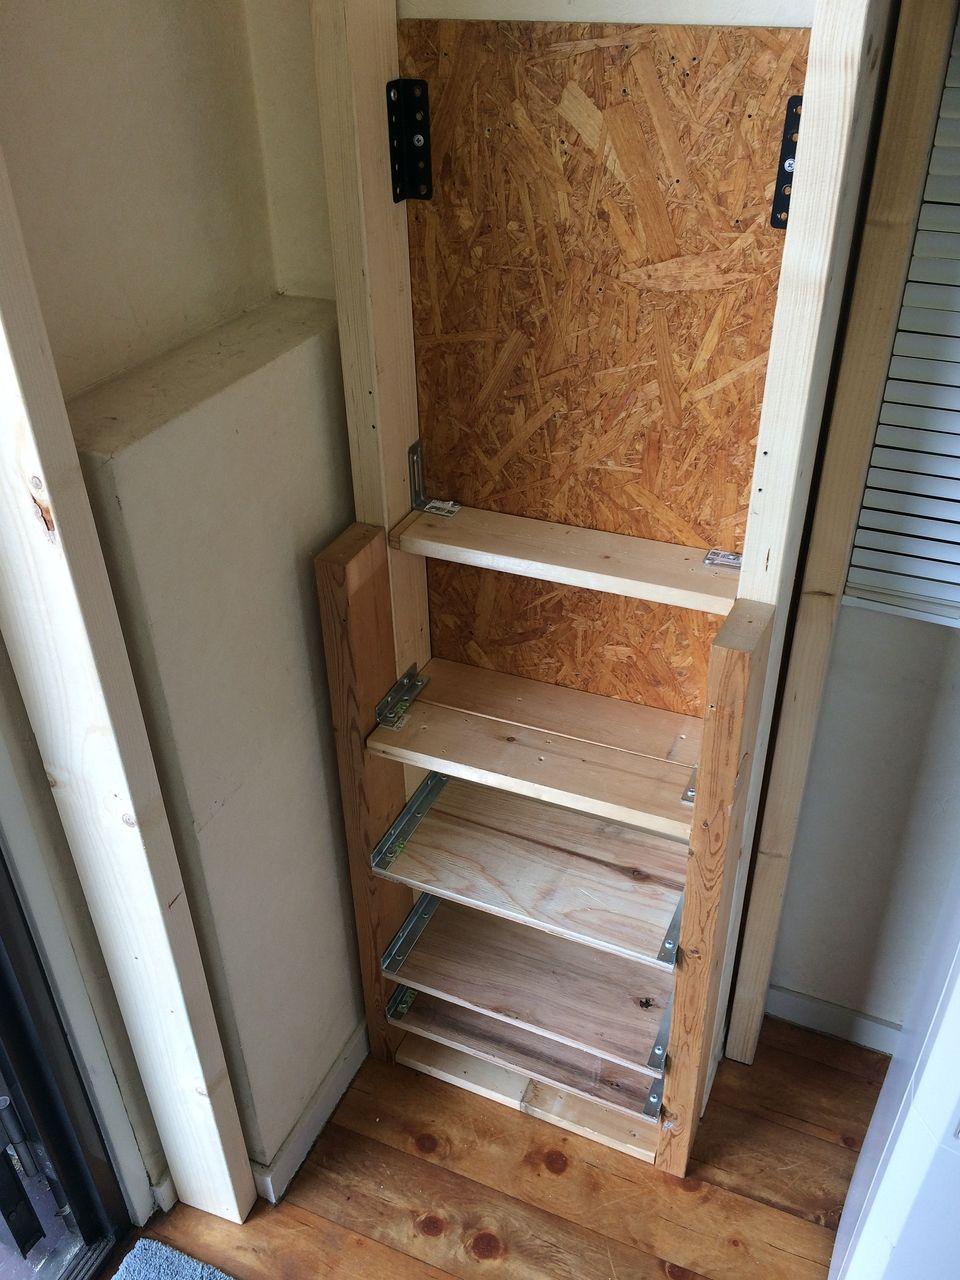 クーパーズ不動産のDIY工具収納コーナーの棚